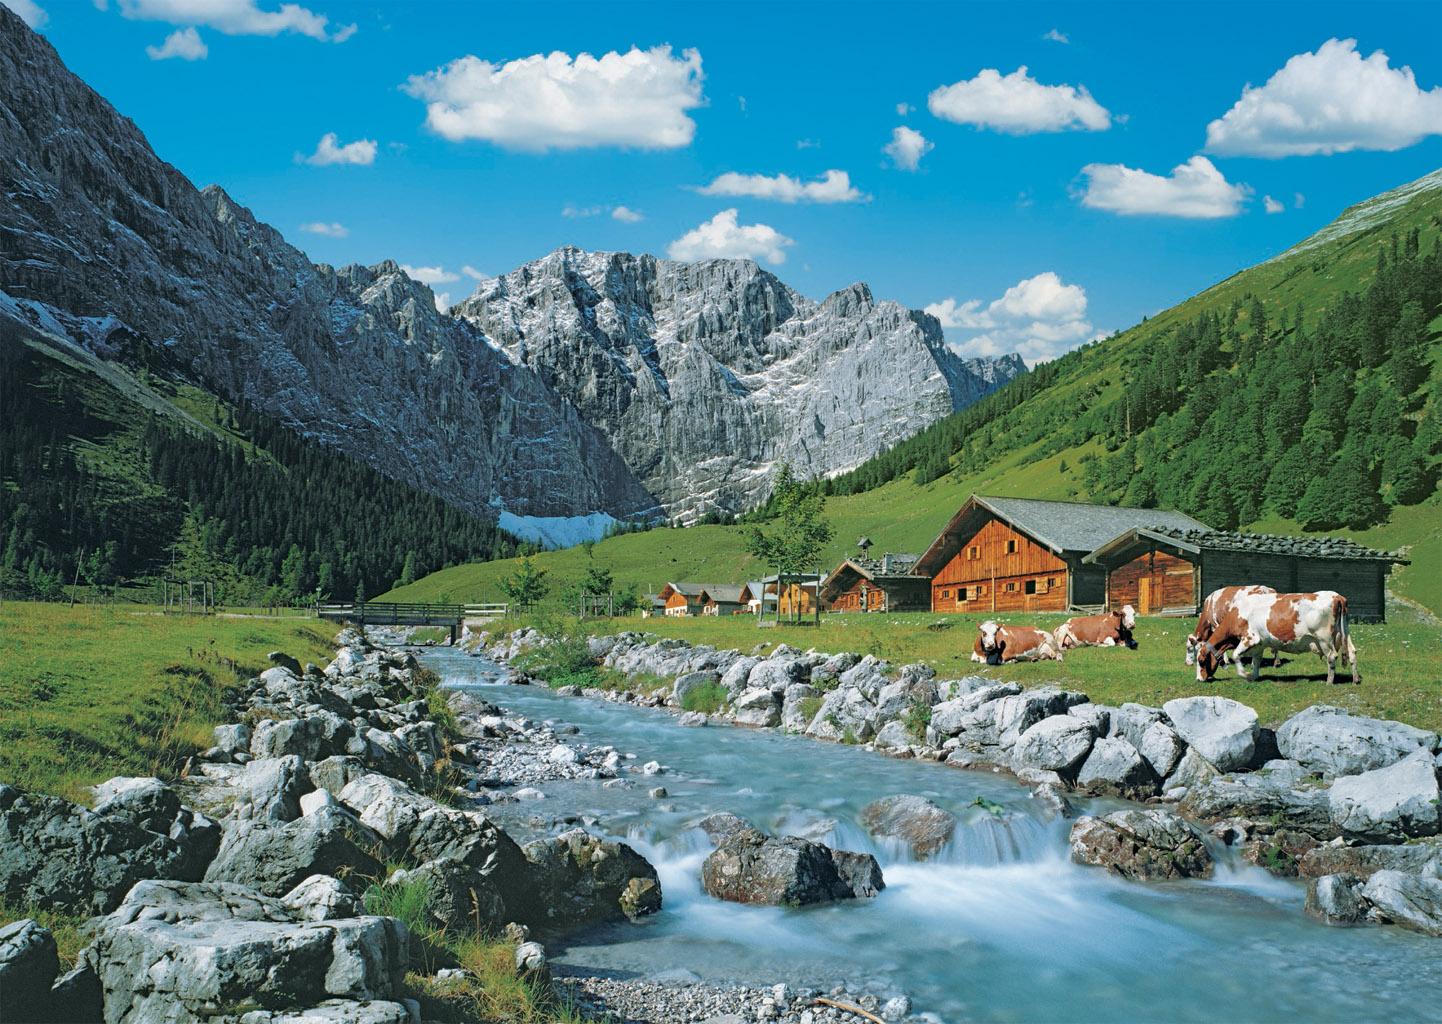 Op Zoek Naar Tips Vakantie Oostenrijk Op Reistip Vind Je